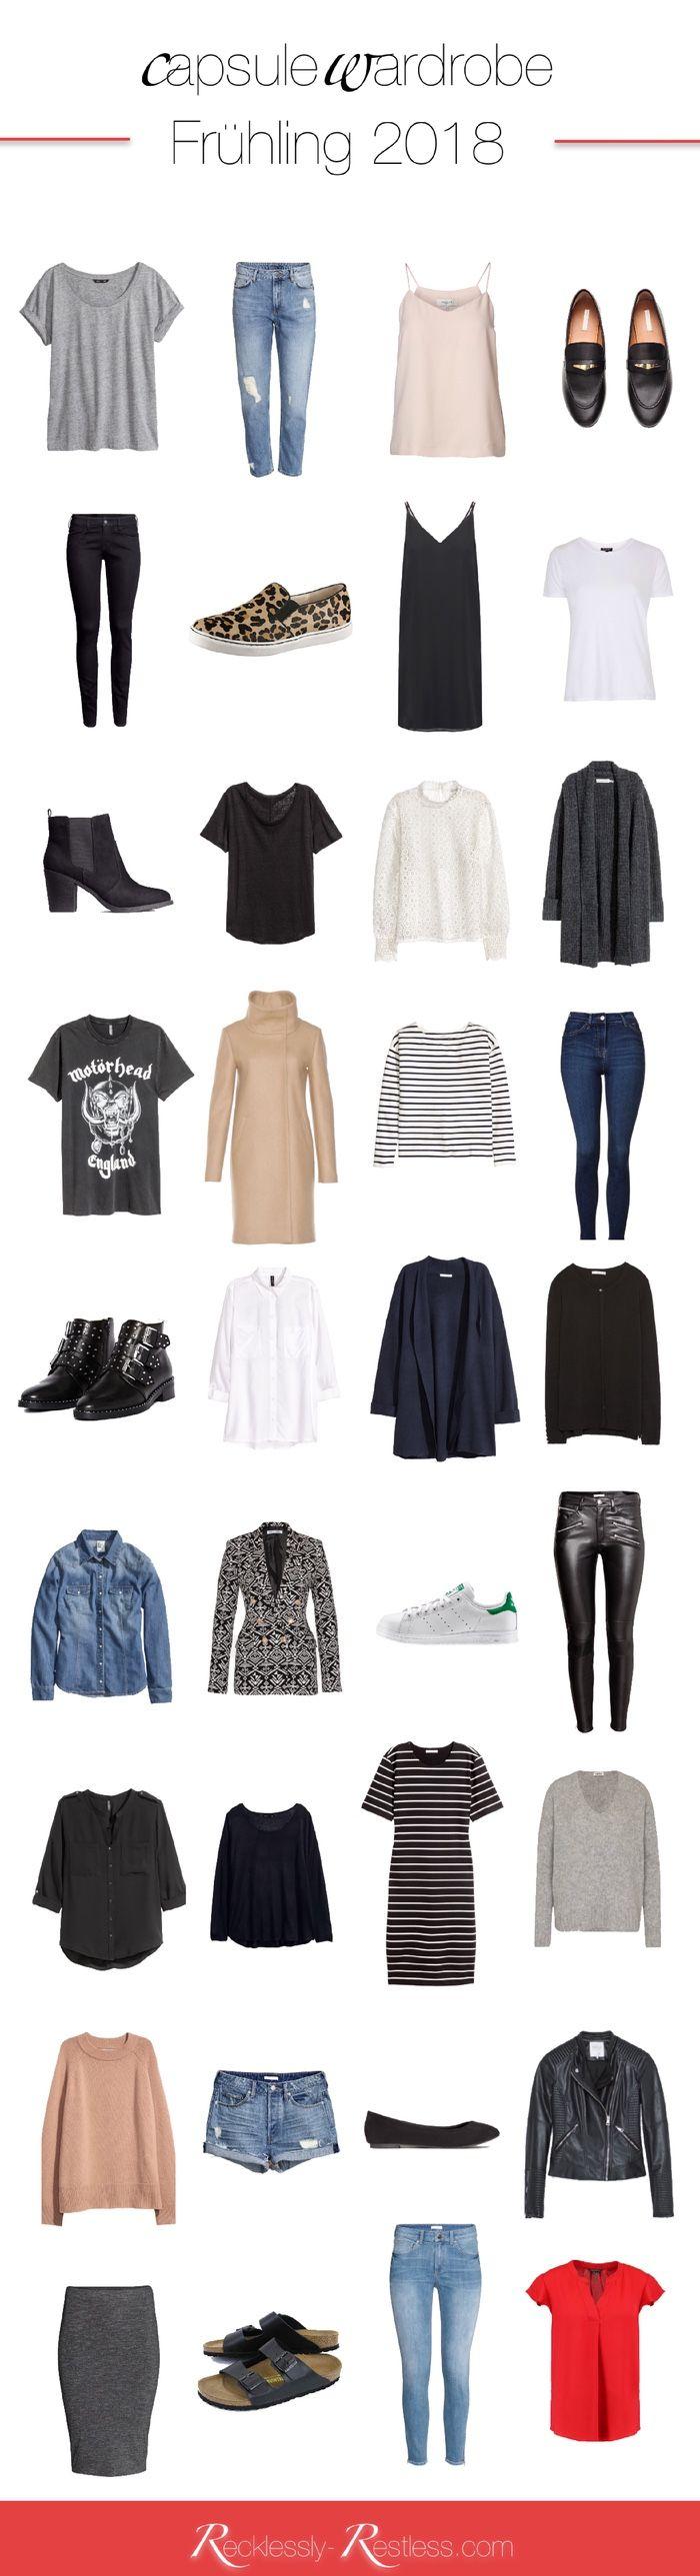 Spring Capsule Wardrobe 2018 – meine Frühlings-Garderobe 2018